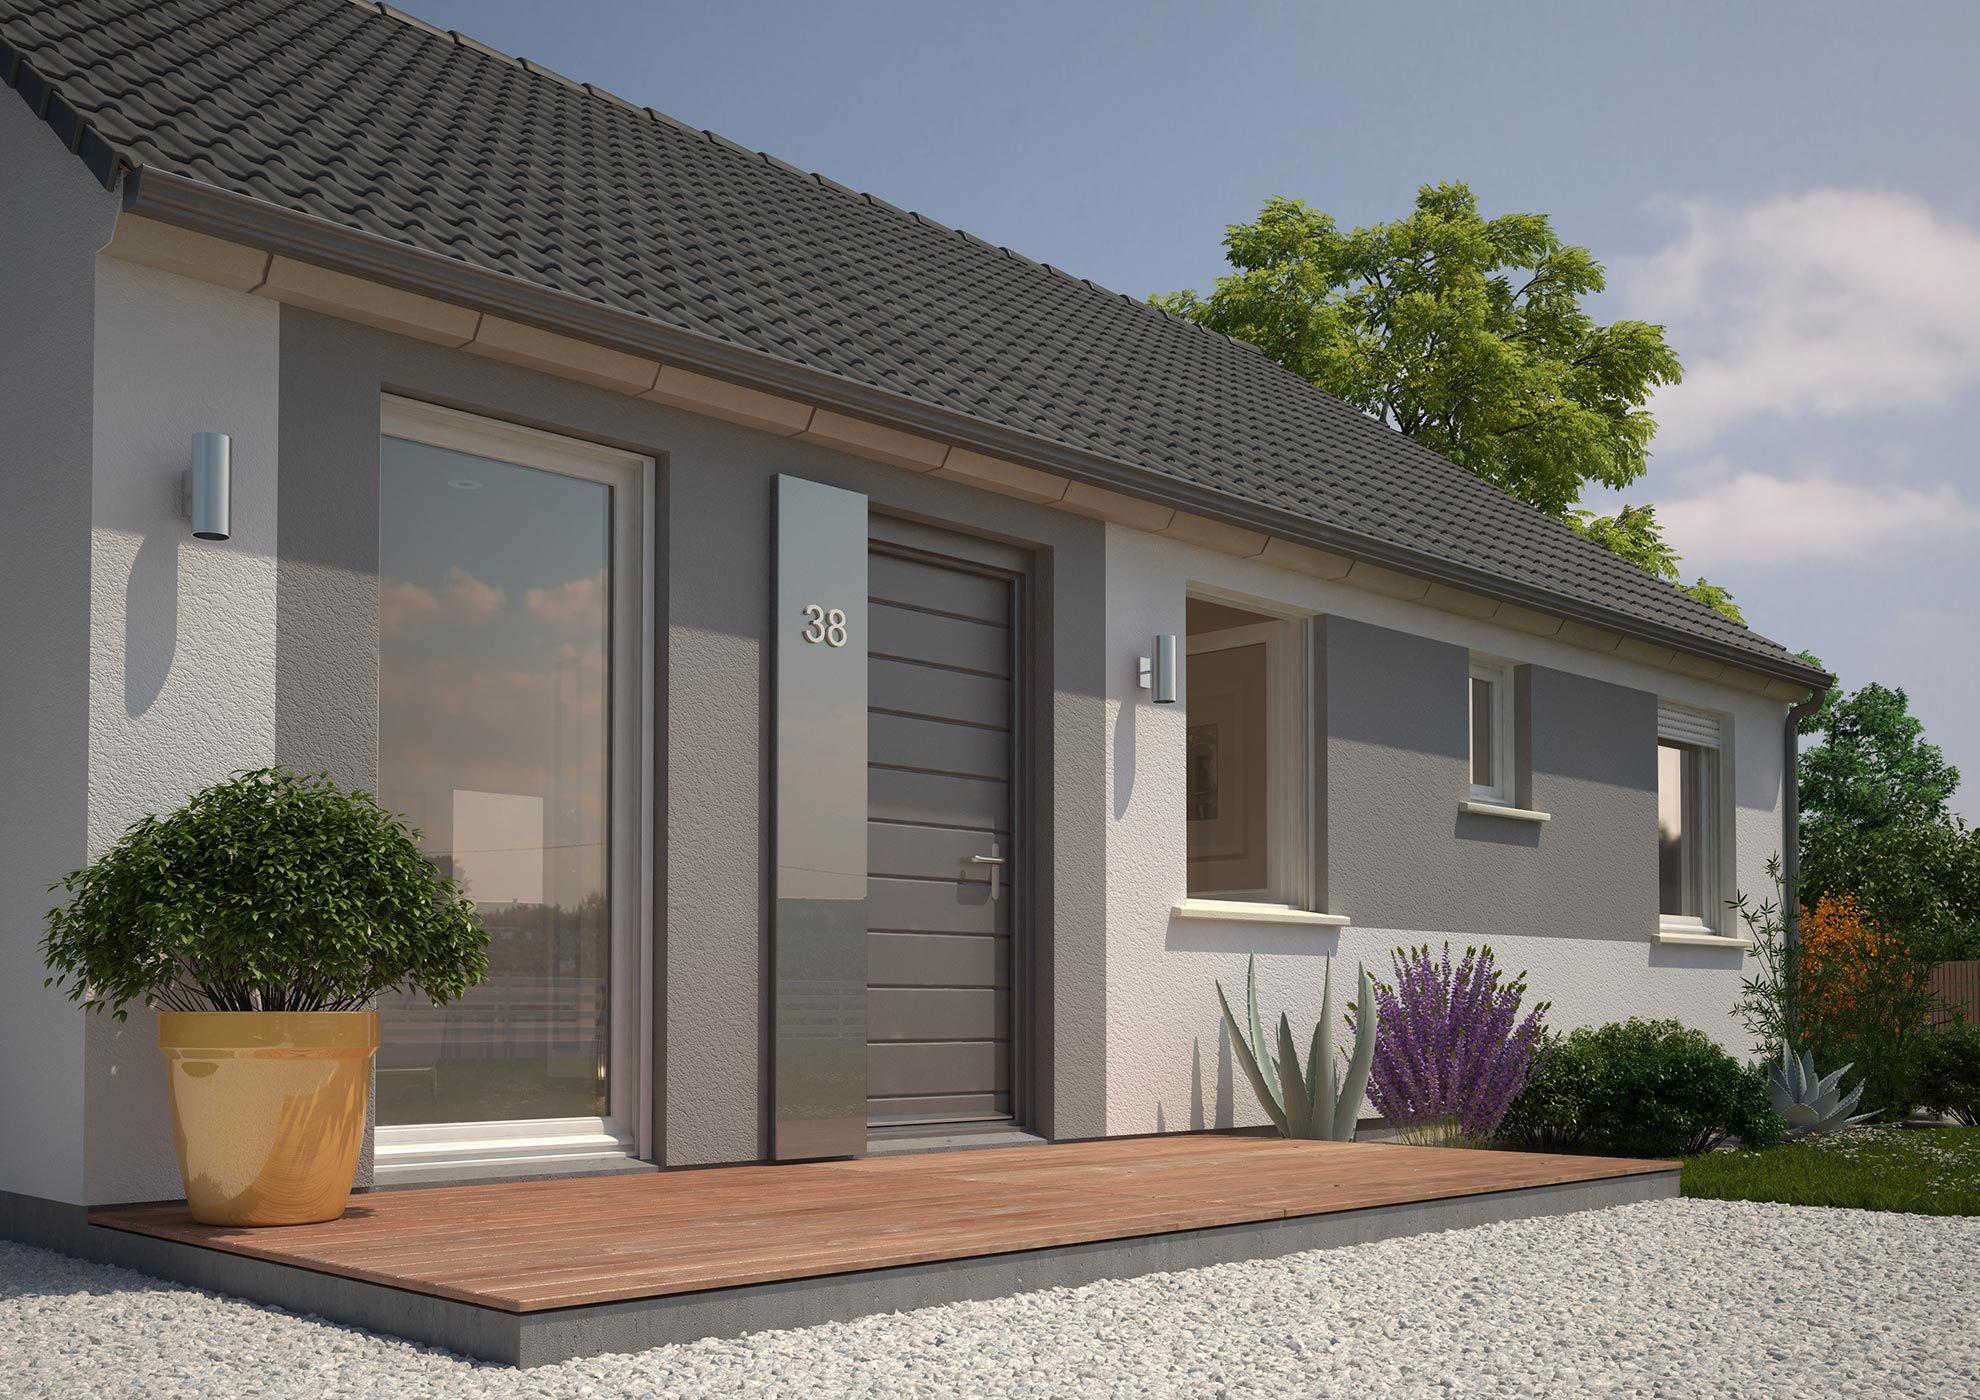 Facades De Maisons En Couleurs facade | façade maison, crepi maison, couleur façade maison